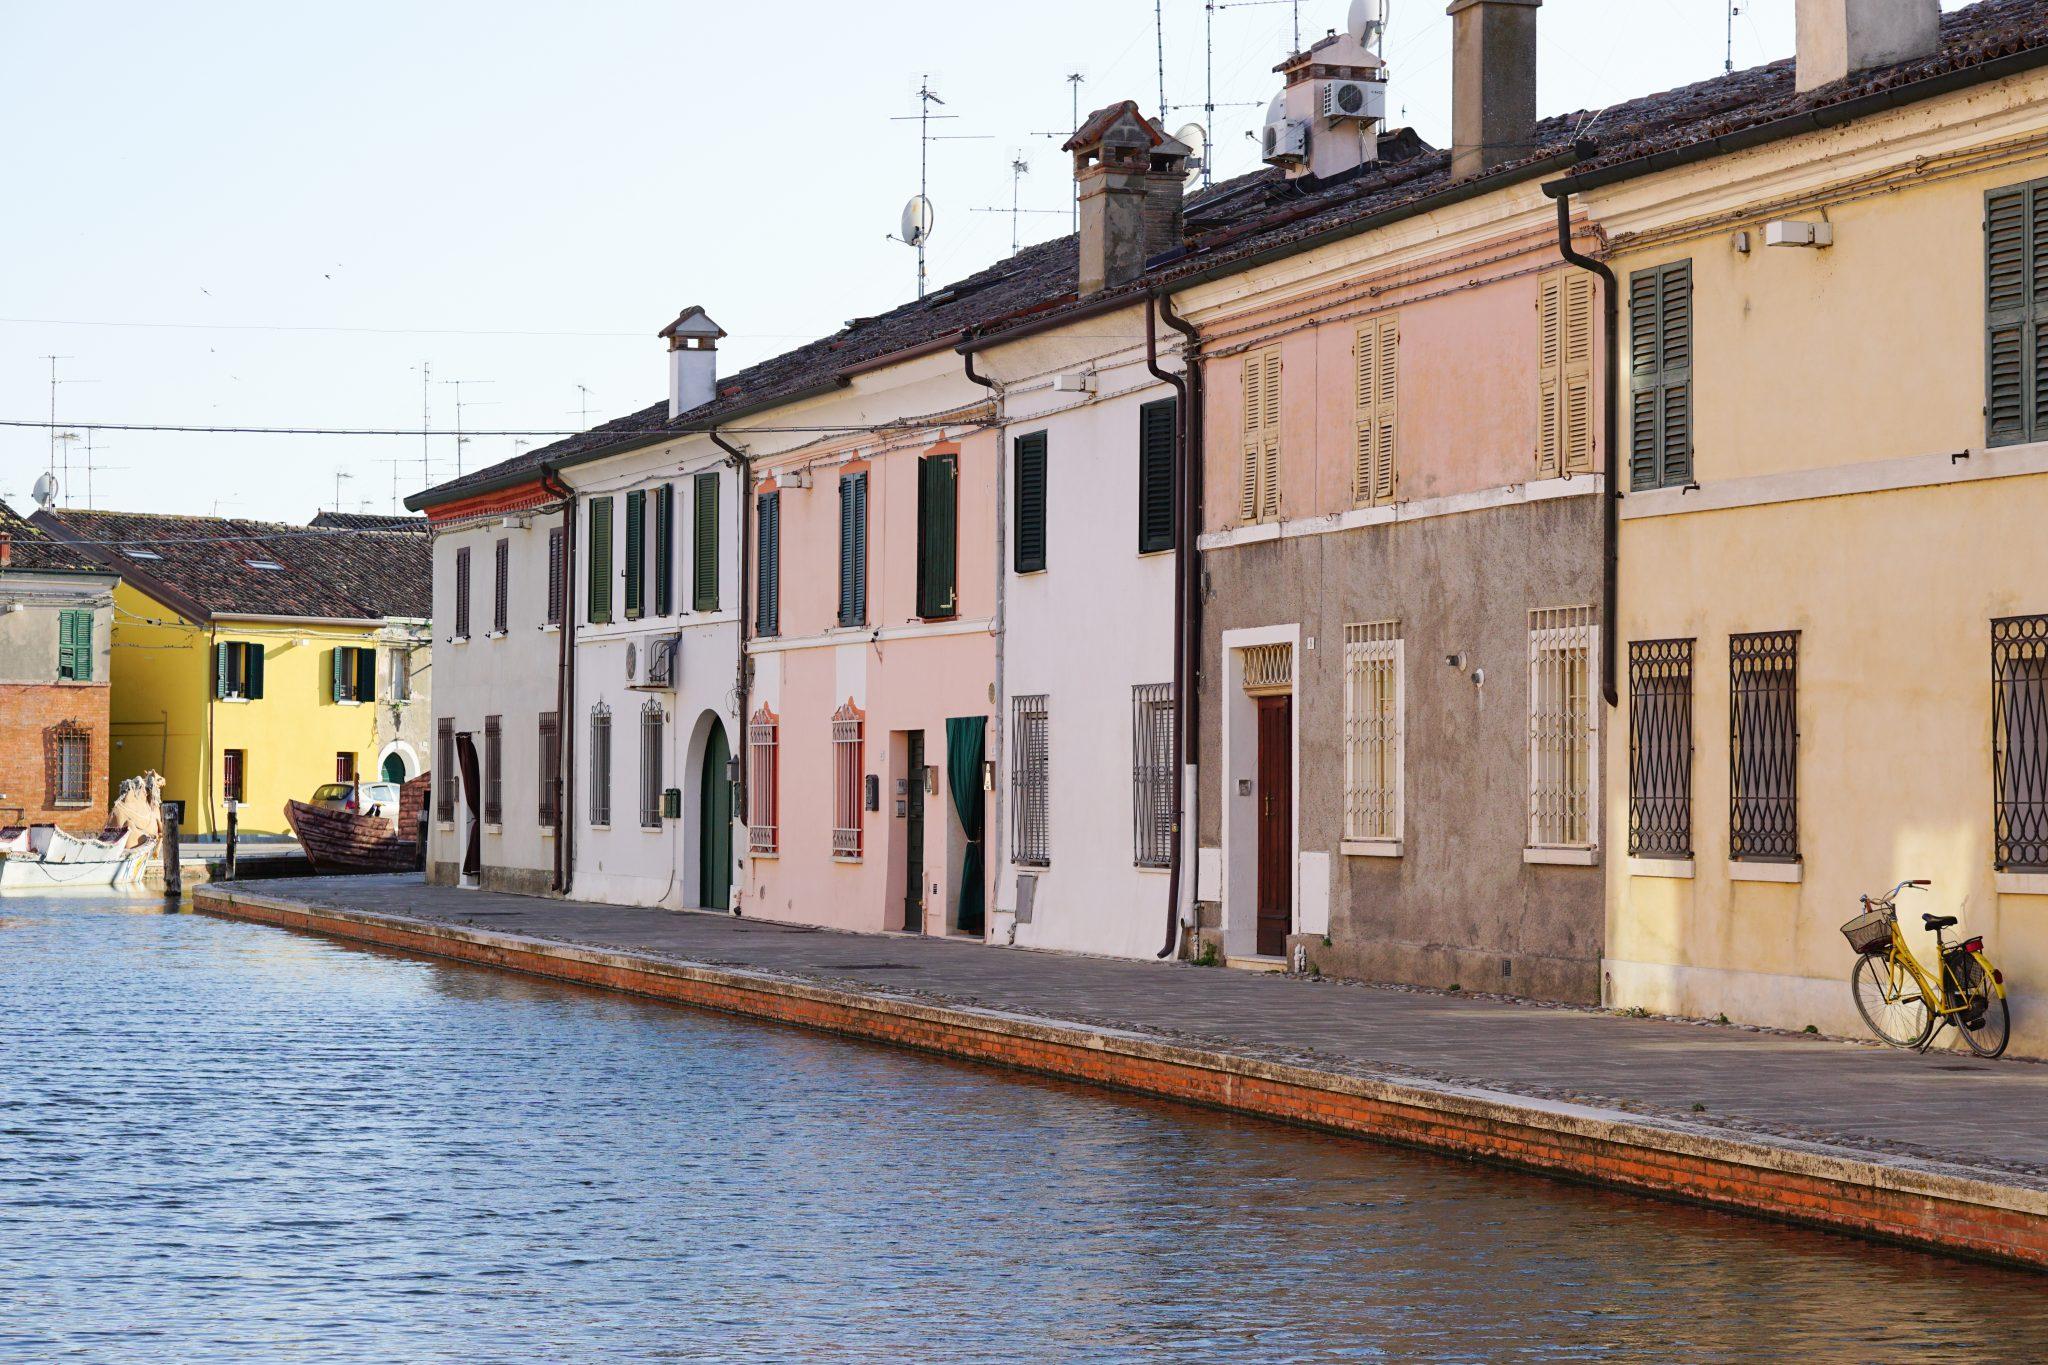 Zomervakantie aan de Adriatische kust: yay or nay?